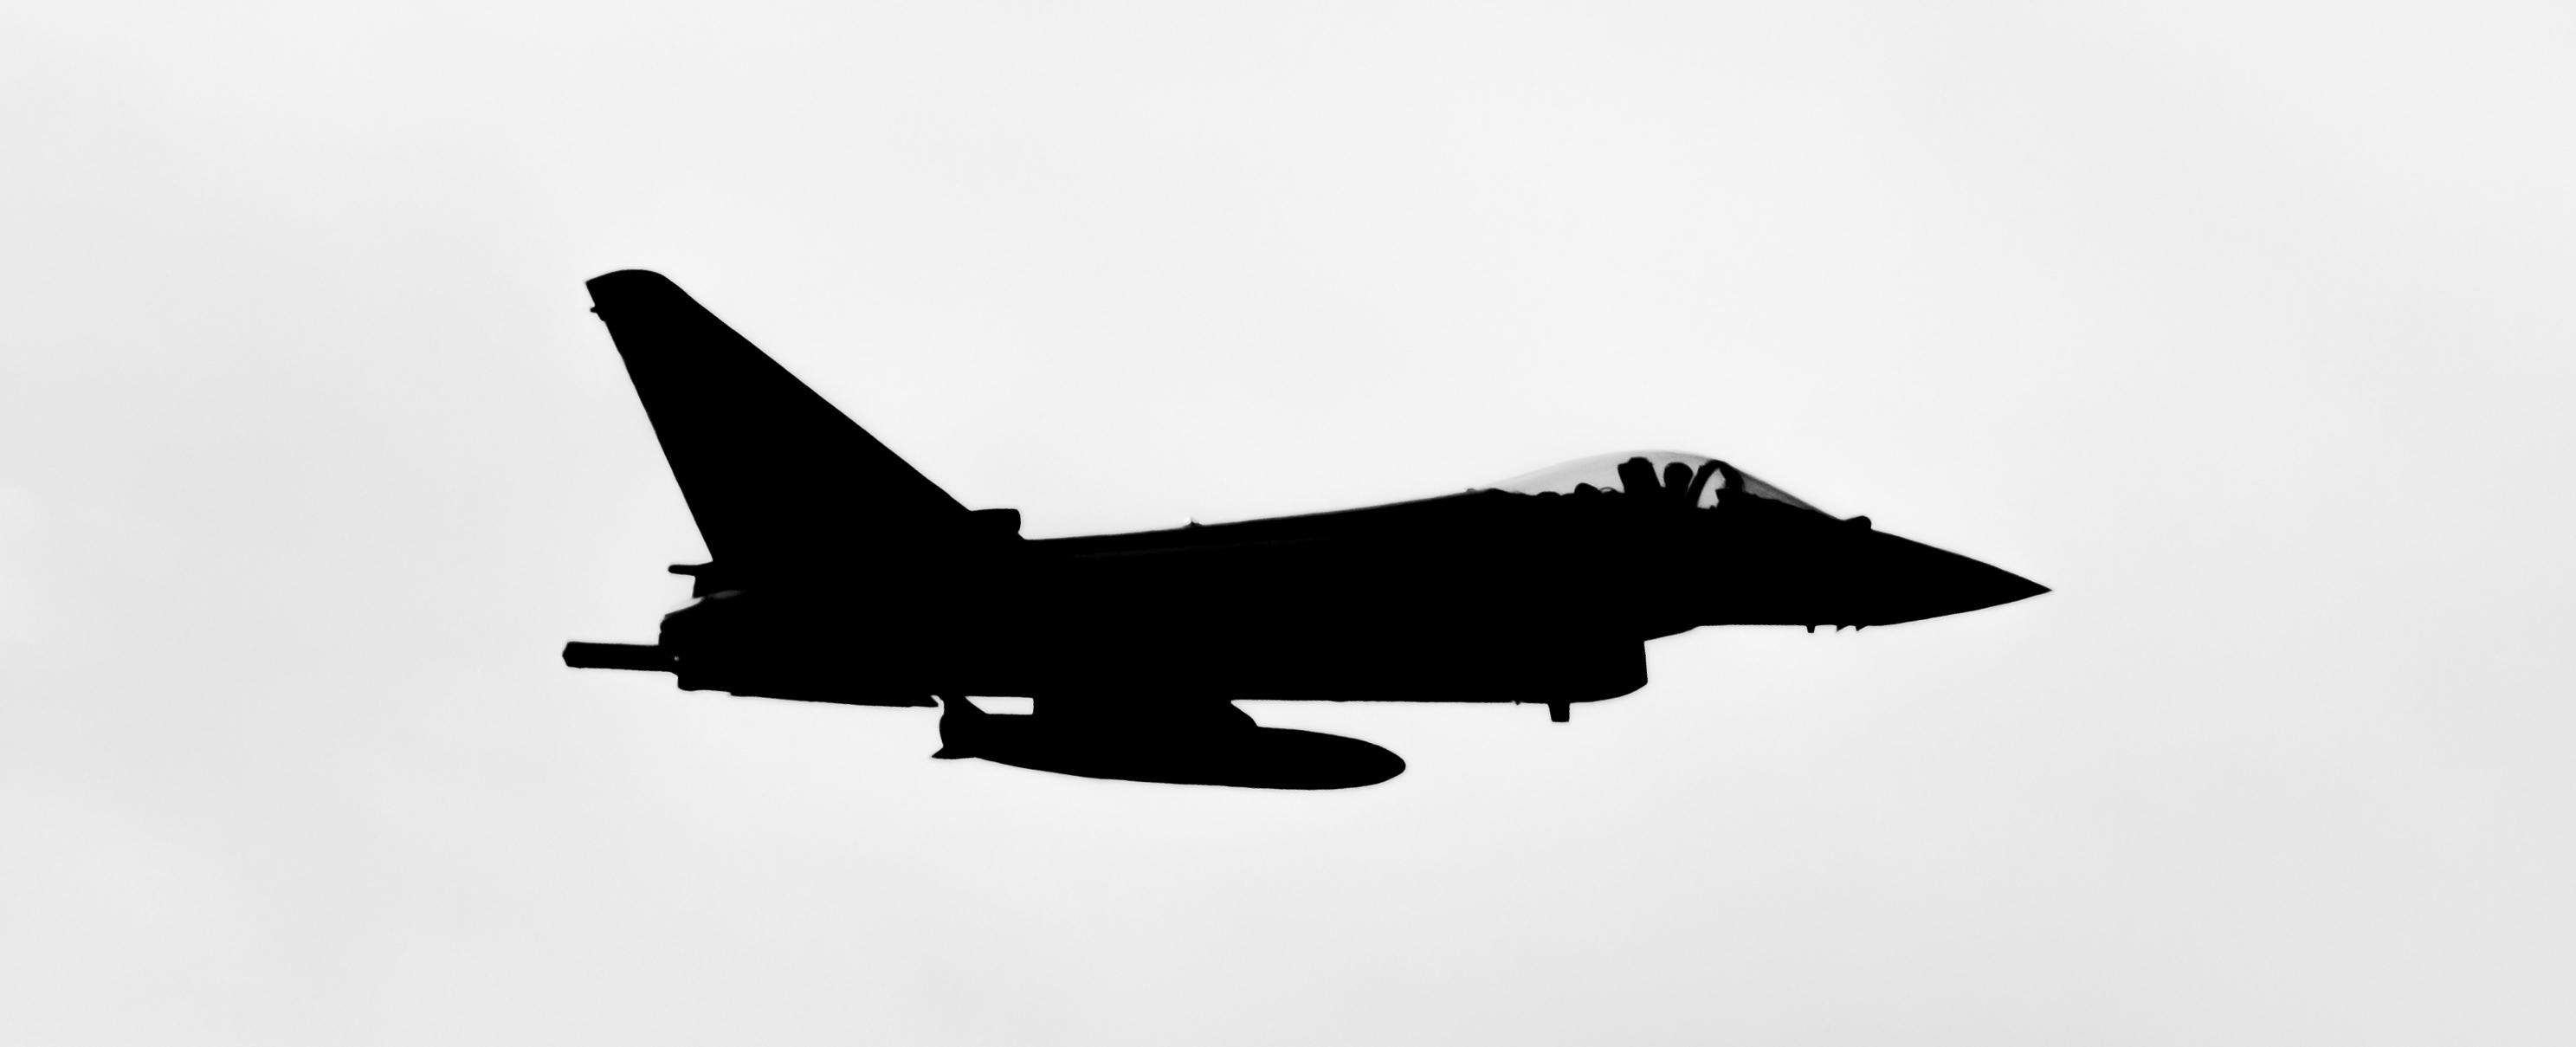 2975x1209 Fileeurofighter Typhoon Silhouette.jpg